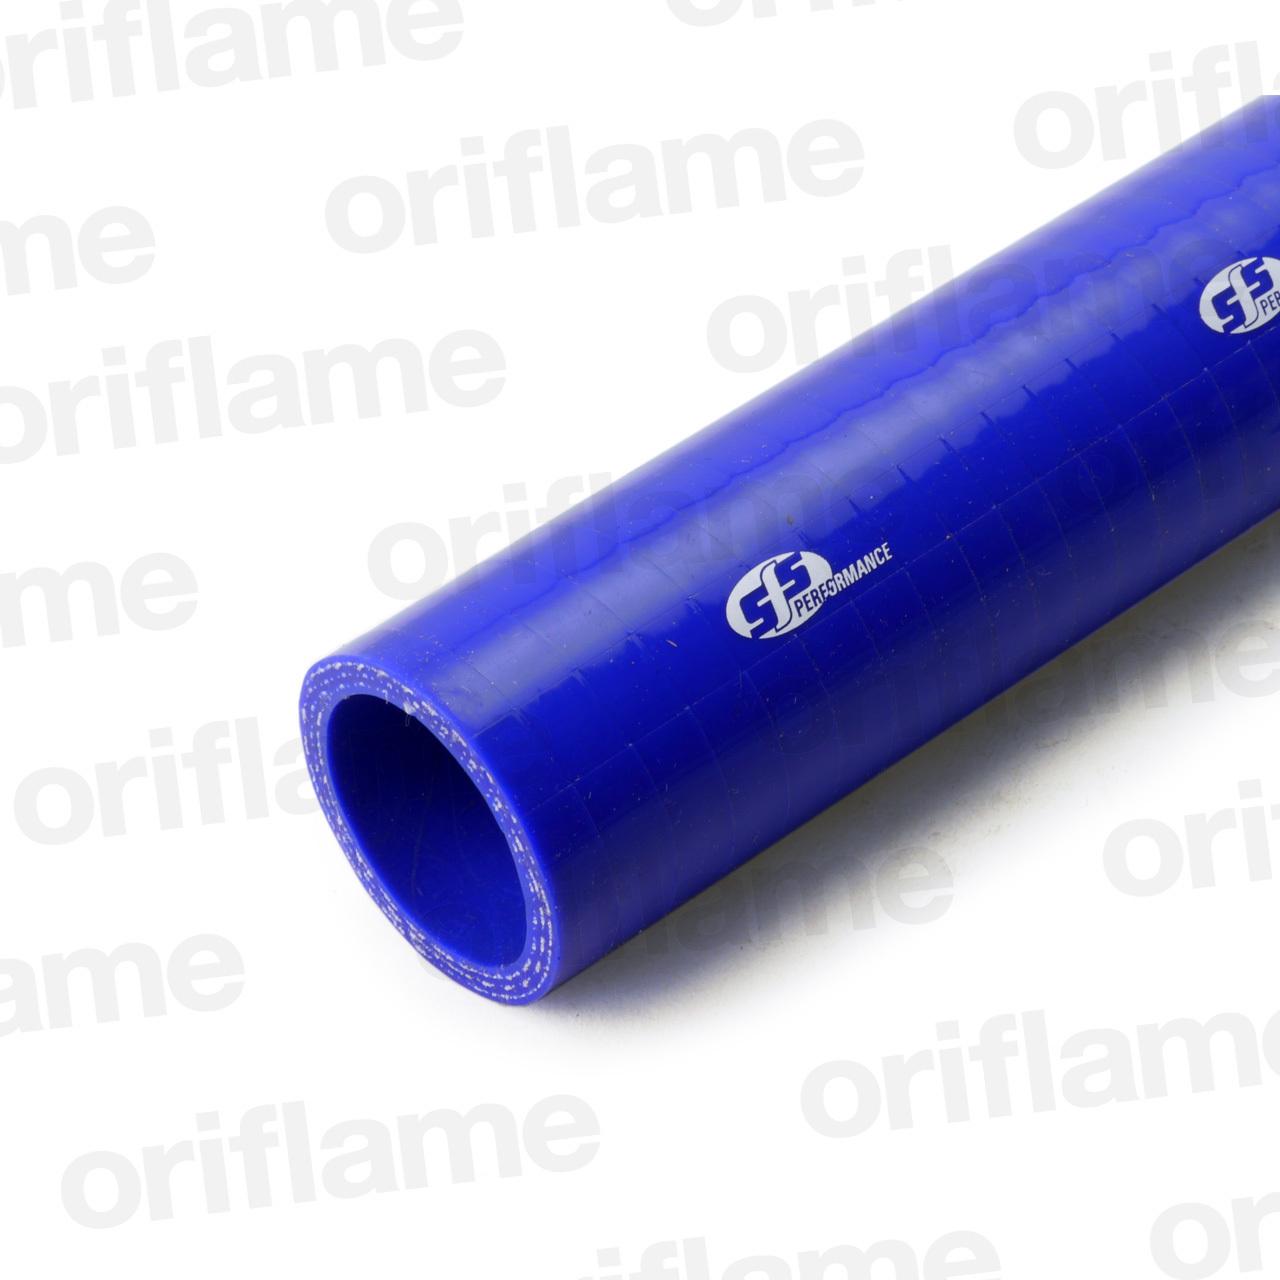 ストレートホース・内径35mm・ブルー